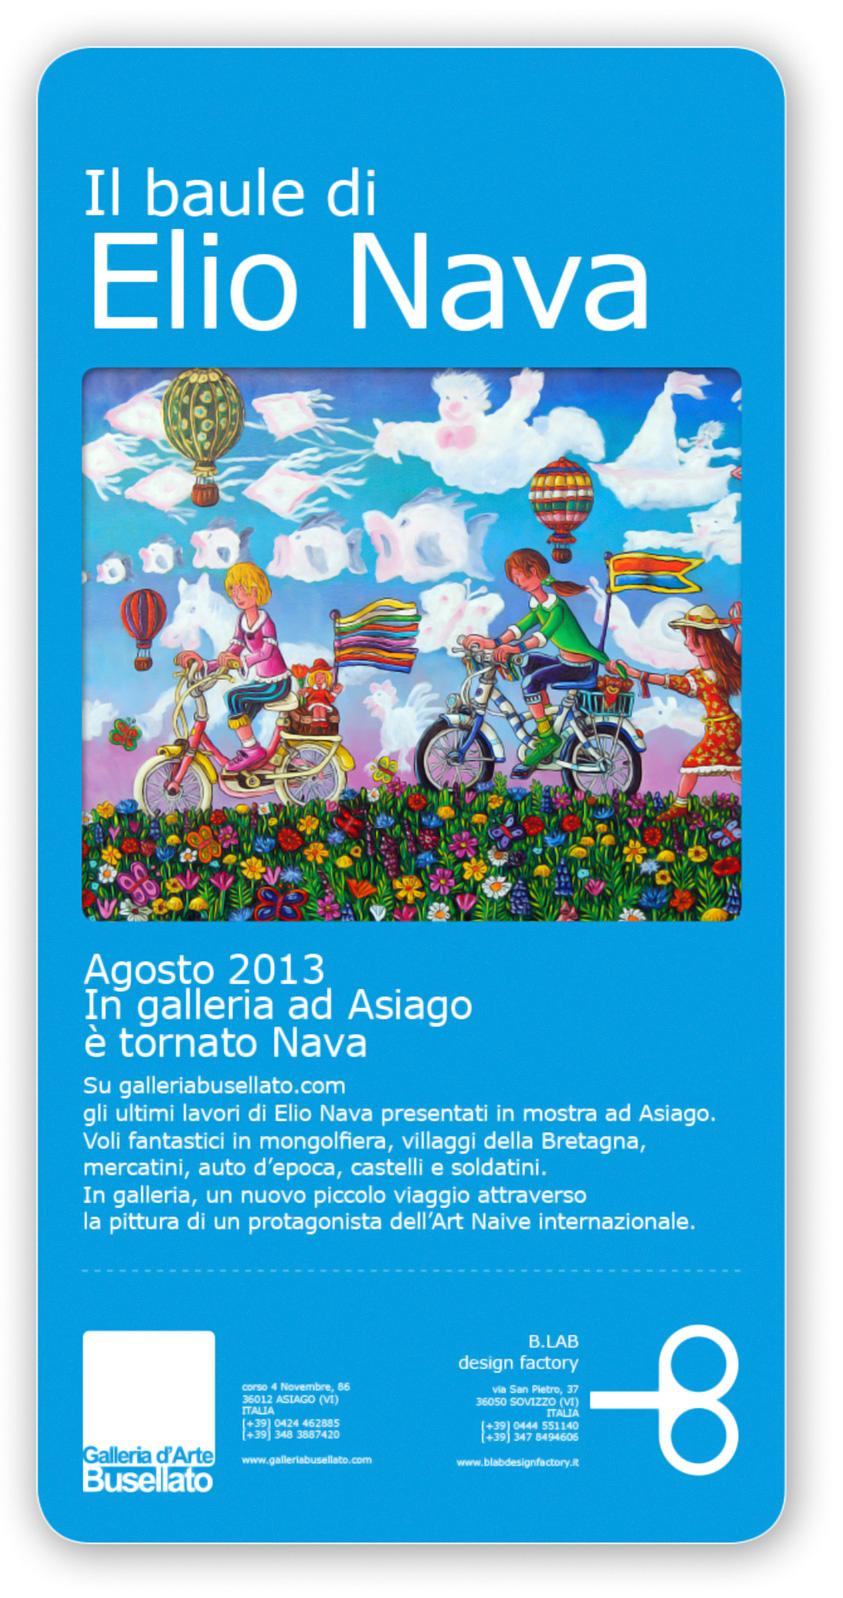 Mostra d 39 arte il baule di elio nava ad asiago dal 7 agosto for B b ad asiago